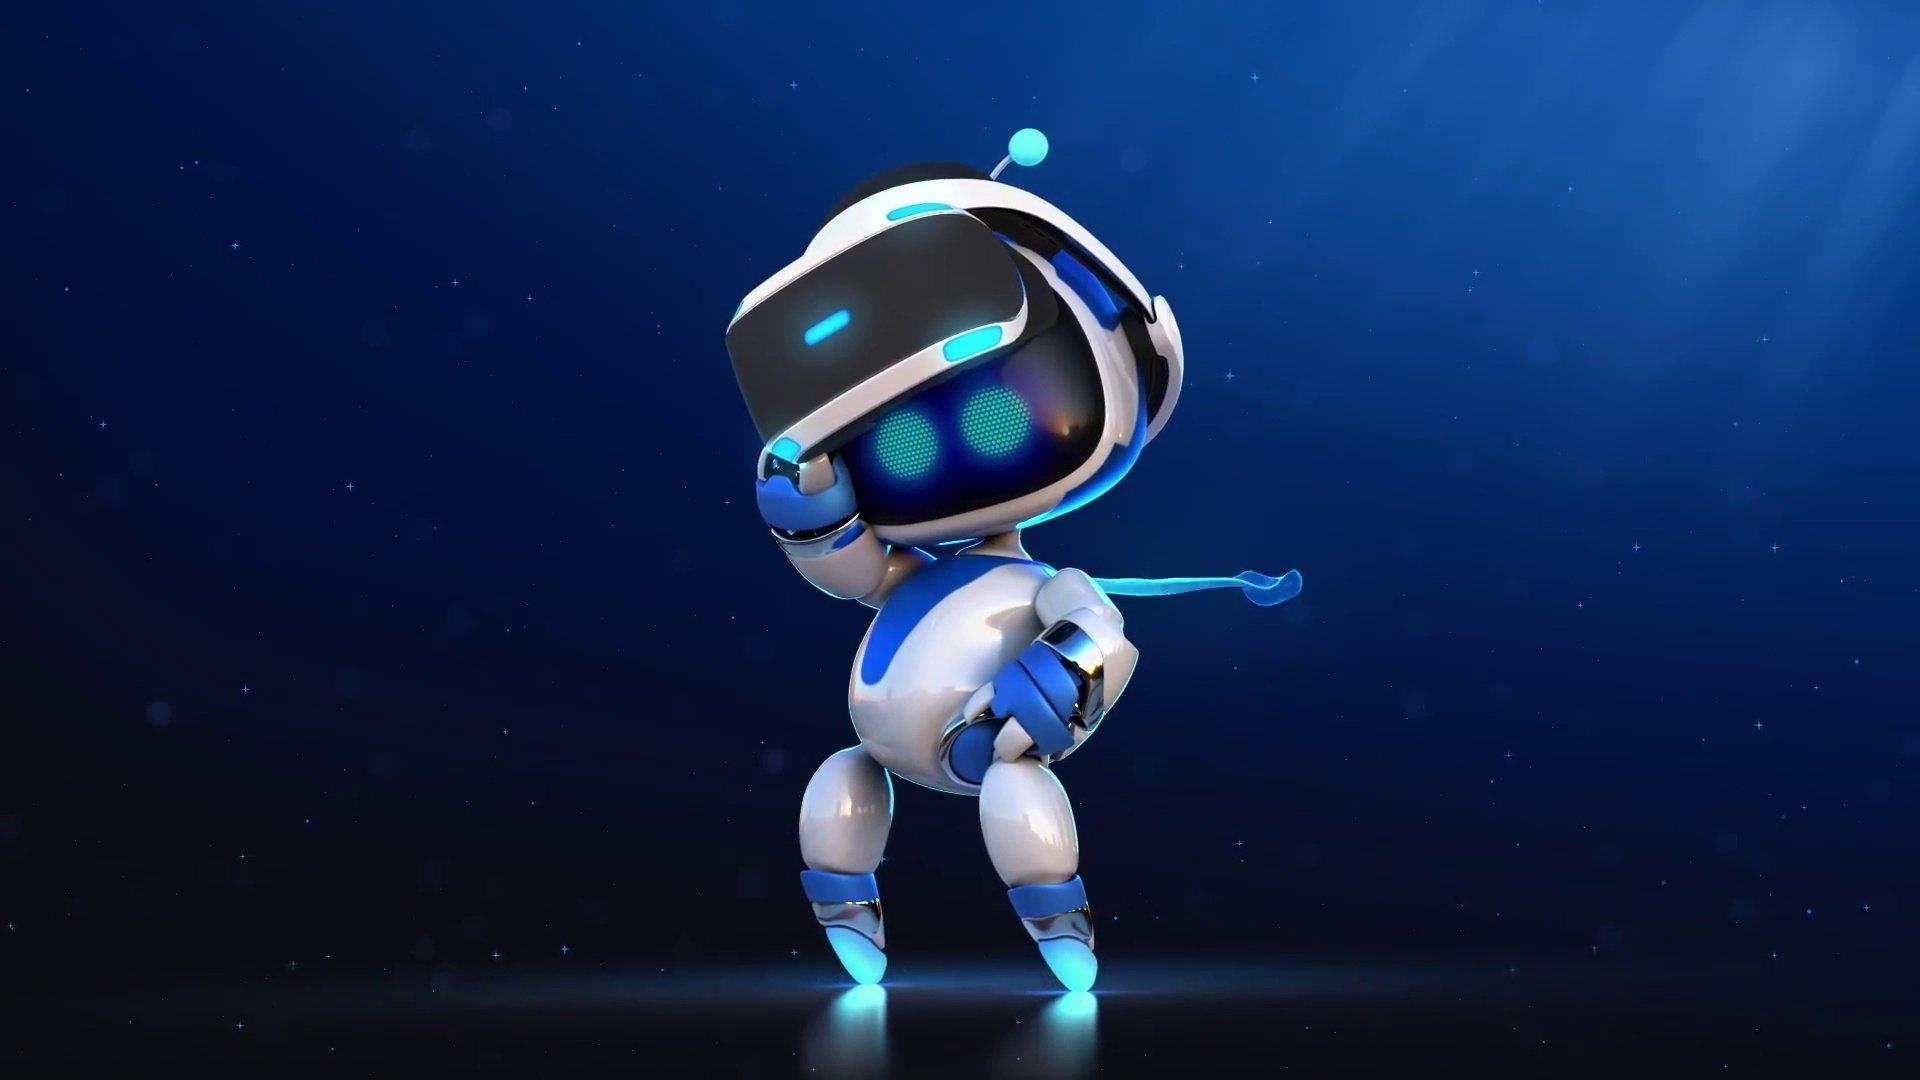 astro bot rescue mission wallpaper 67756